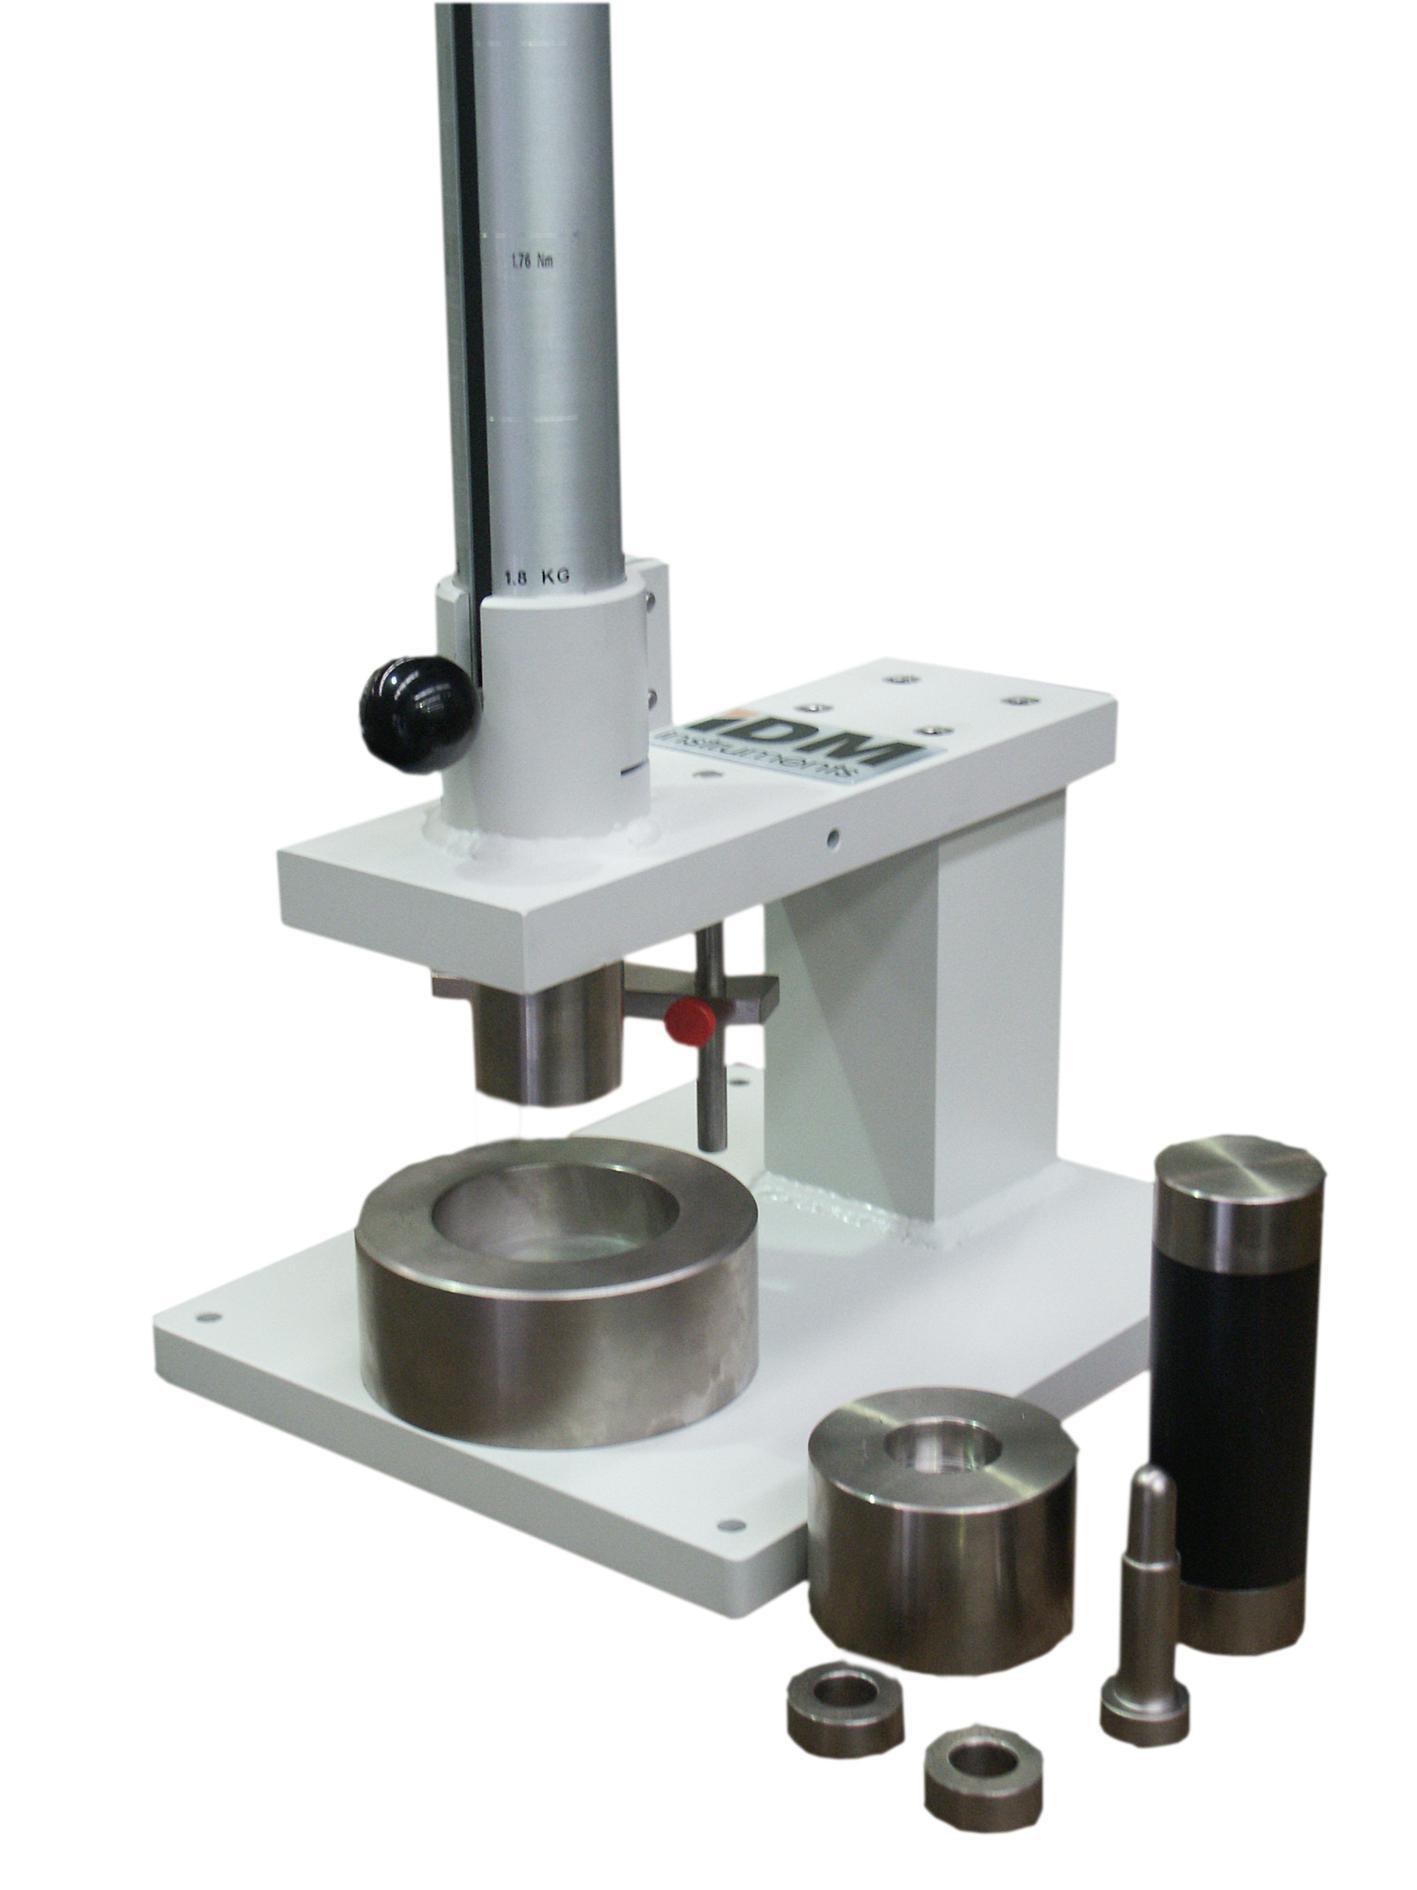 G0001 - Gardner veids Impact Tester